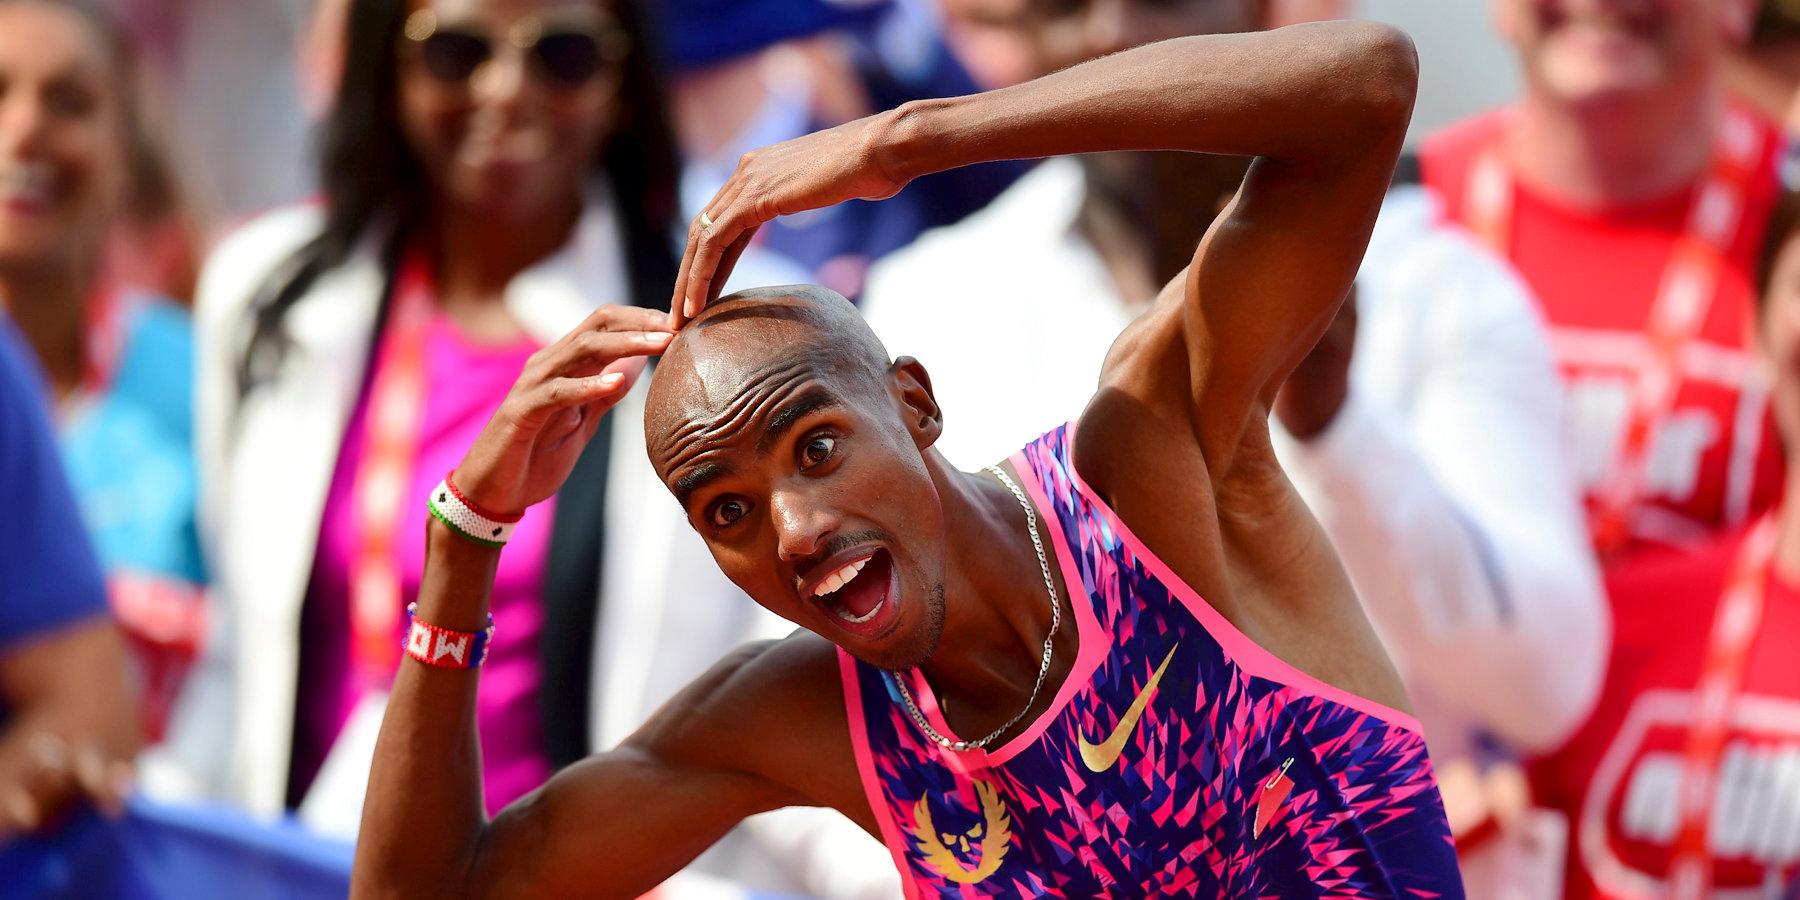 Первое золотоЧМ полёгкой атлетике встолице Англии завоевал британский бегун Фара